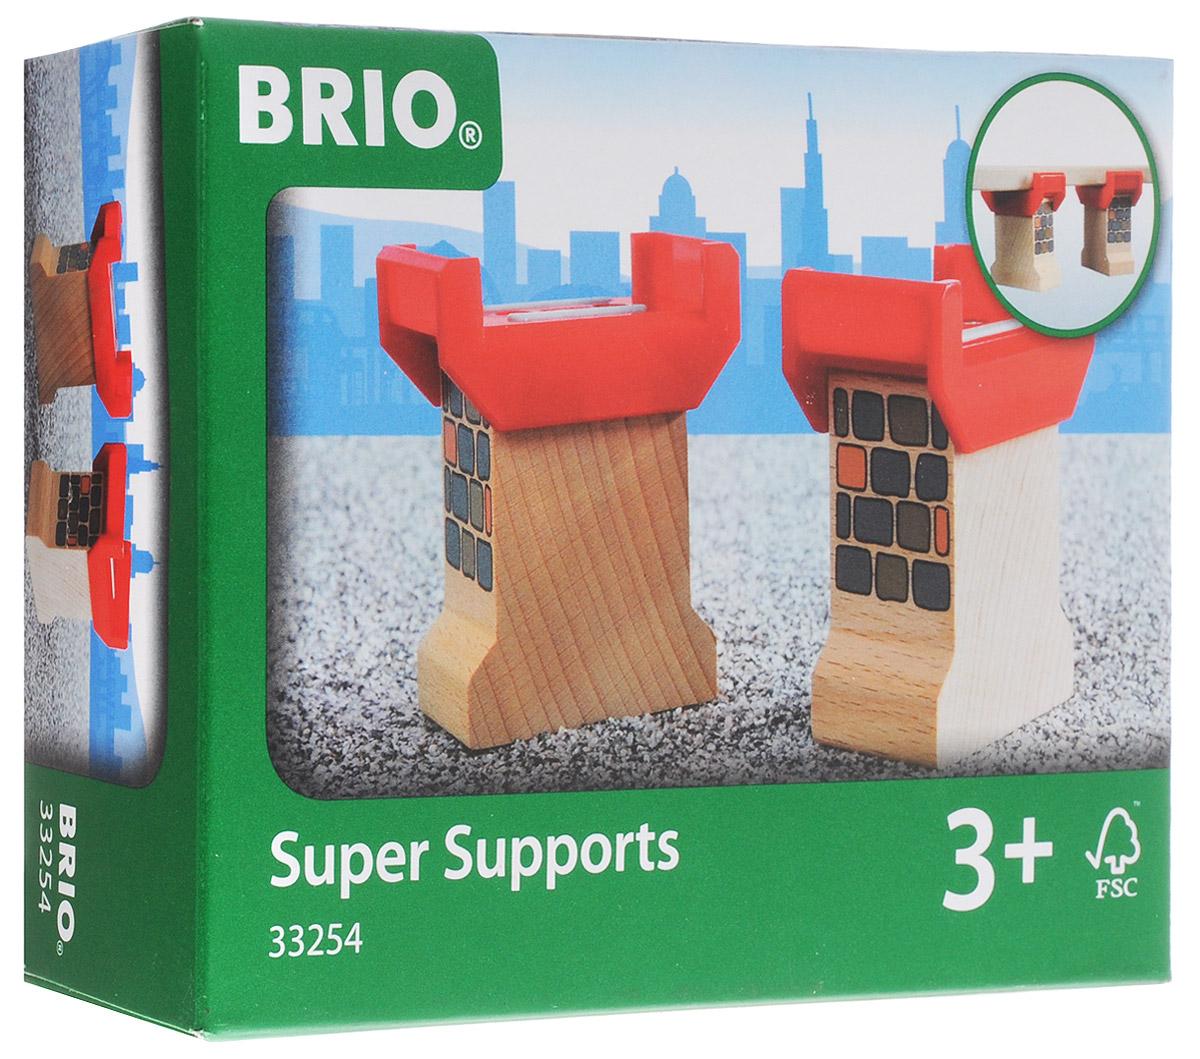 Brio Опоры для мостов33254Дополнительные элементы для развития железной дороги Опоры для мостов предназначены для машинок и паровозиков Brio. Набор включает в себя два элемента для построения собственного железнодорожного полотна с мостом. Опоры для моста обеспечат устойчивость конструкции. Железные дороги позволяют ребенку не только получать удовольствие от игры, но и развивать пространственное воображение, мелкую моторику и координацию движений. Набор совместим со всеми железными дорогами и паровозиками Brio. Ваш малыш часами будет играть с набором, придумывая разные истории. Машинки и паровозики в комплект не входят.